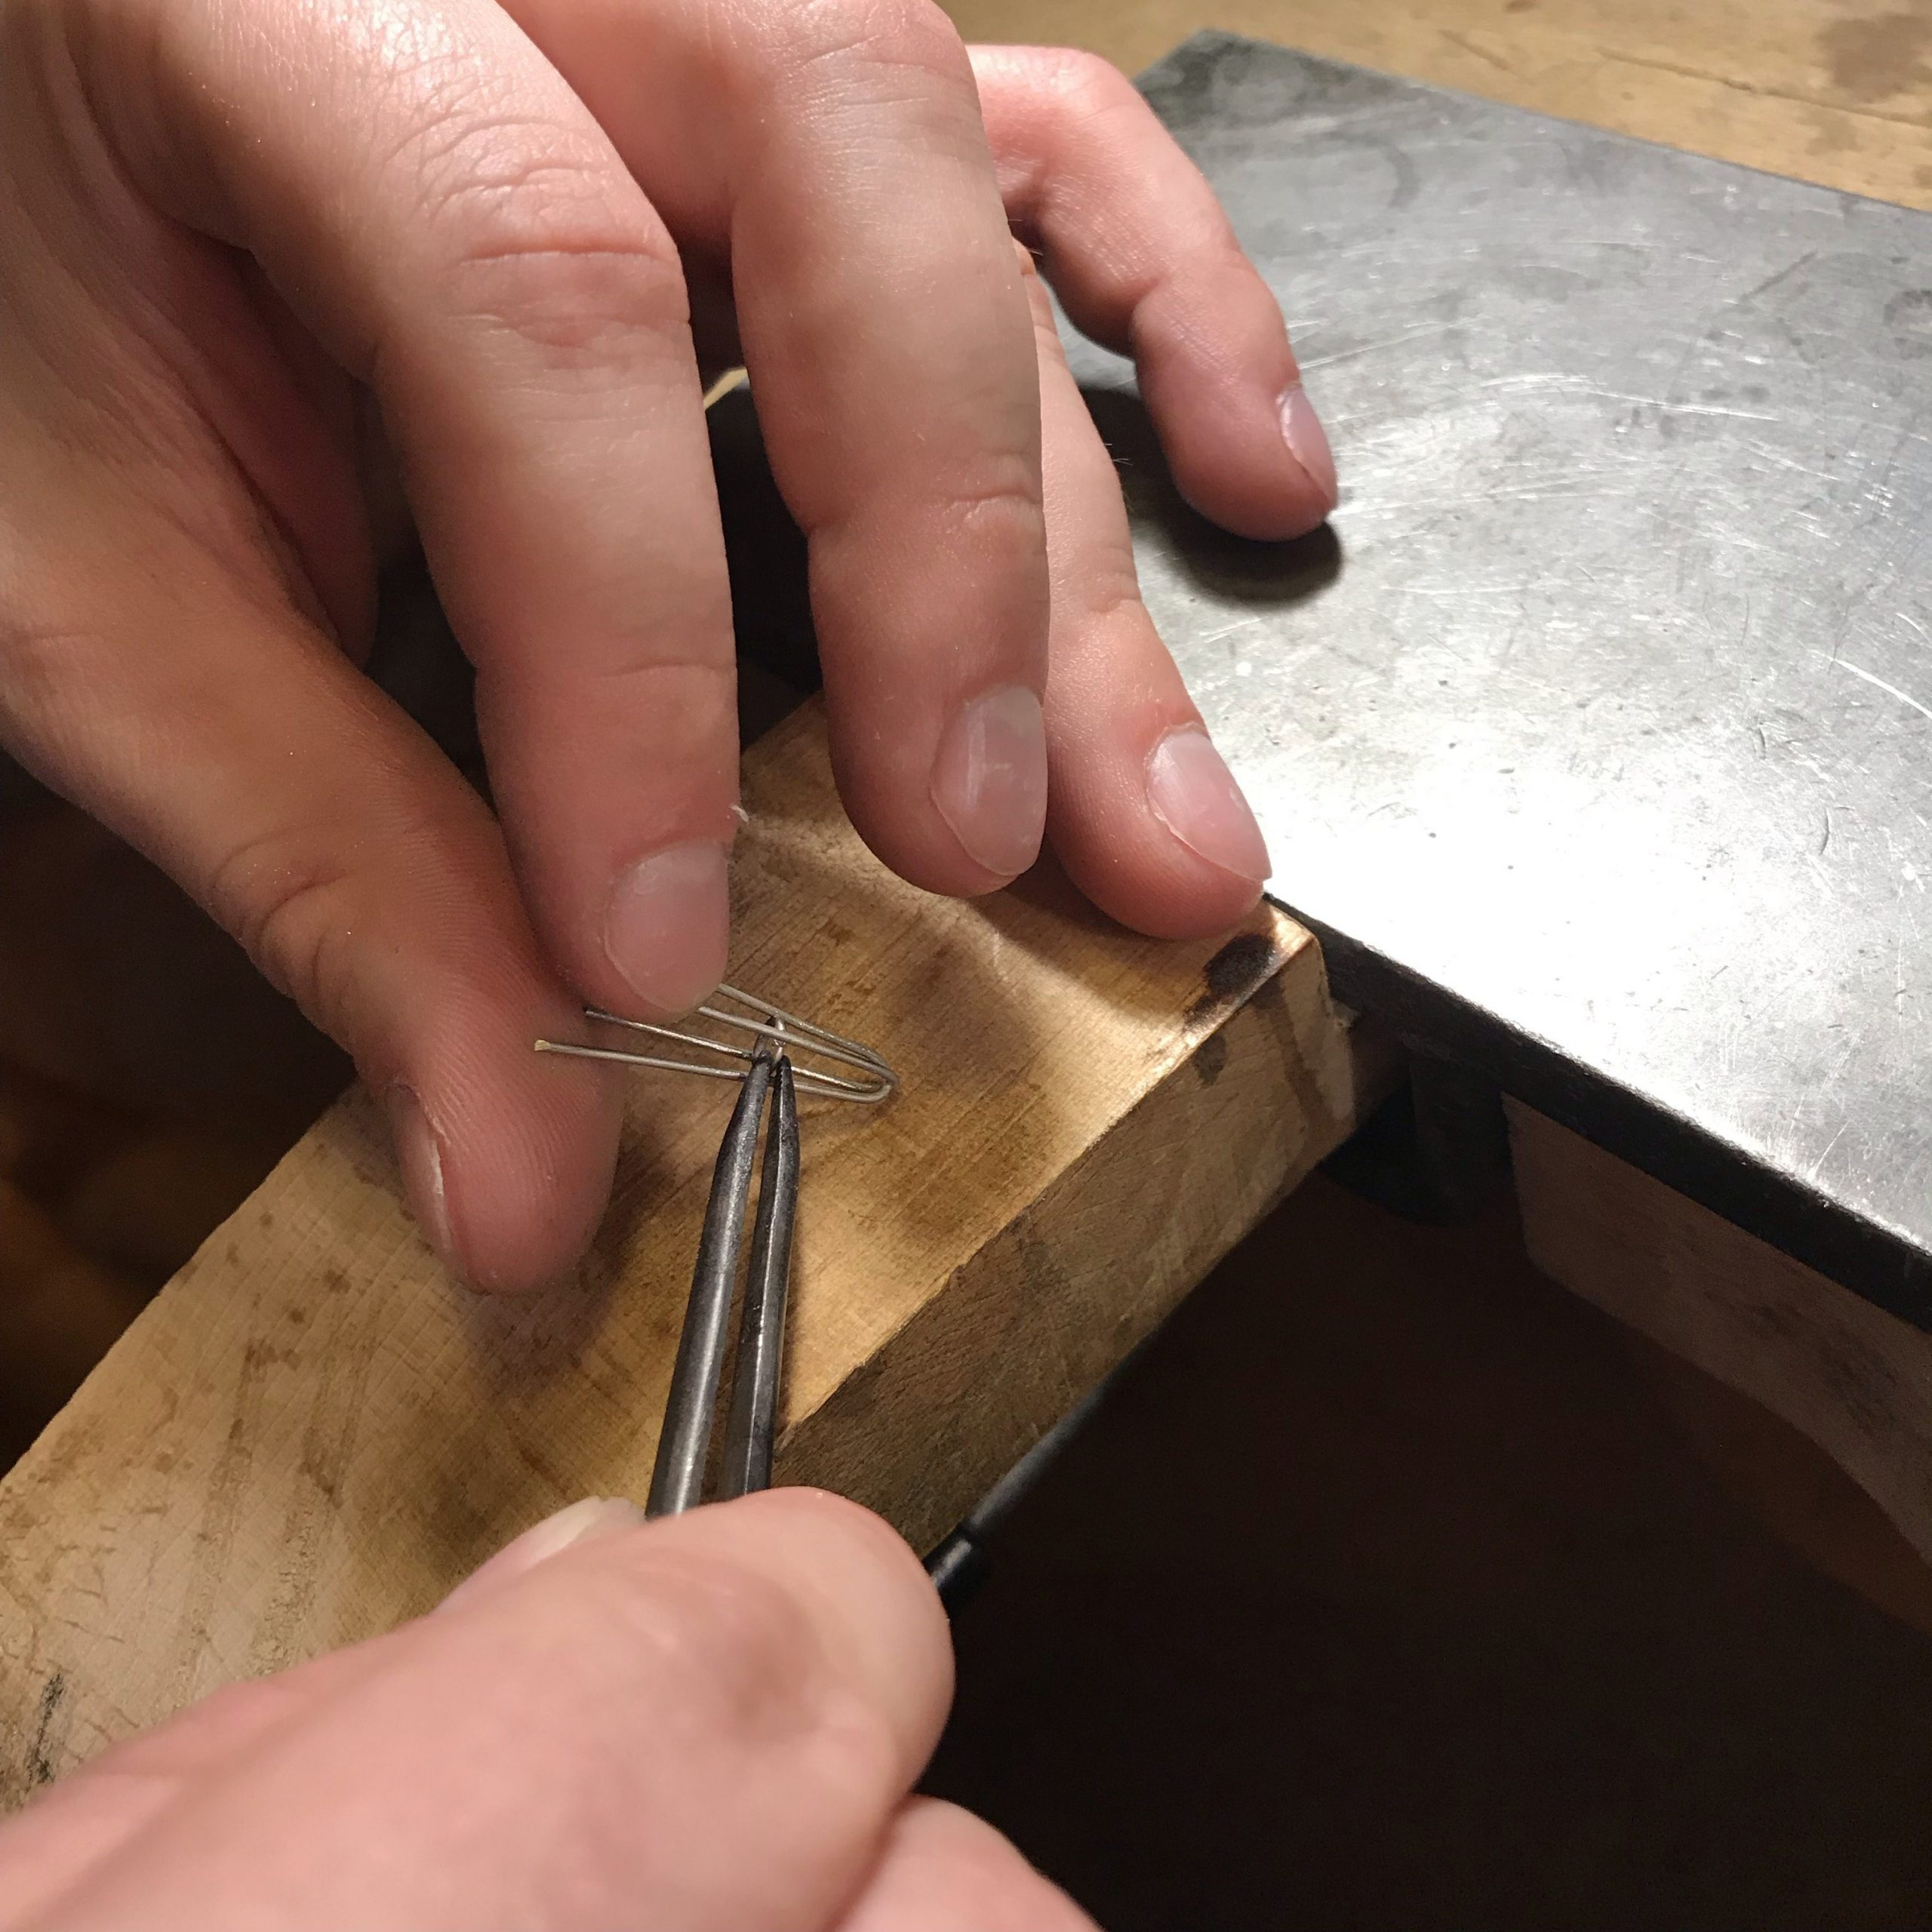 Kurs jubilerski wAntidotum uczy przygotowania opraw kamieni szlachetnych